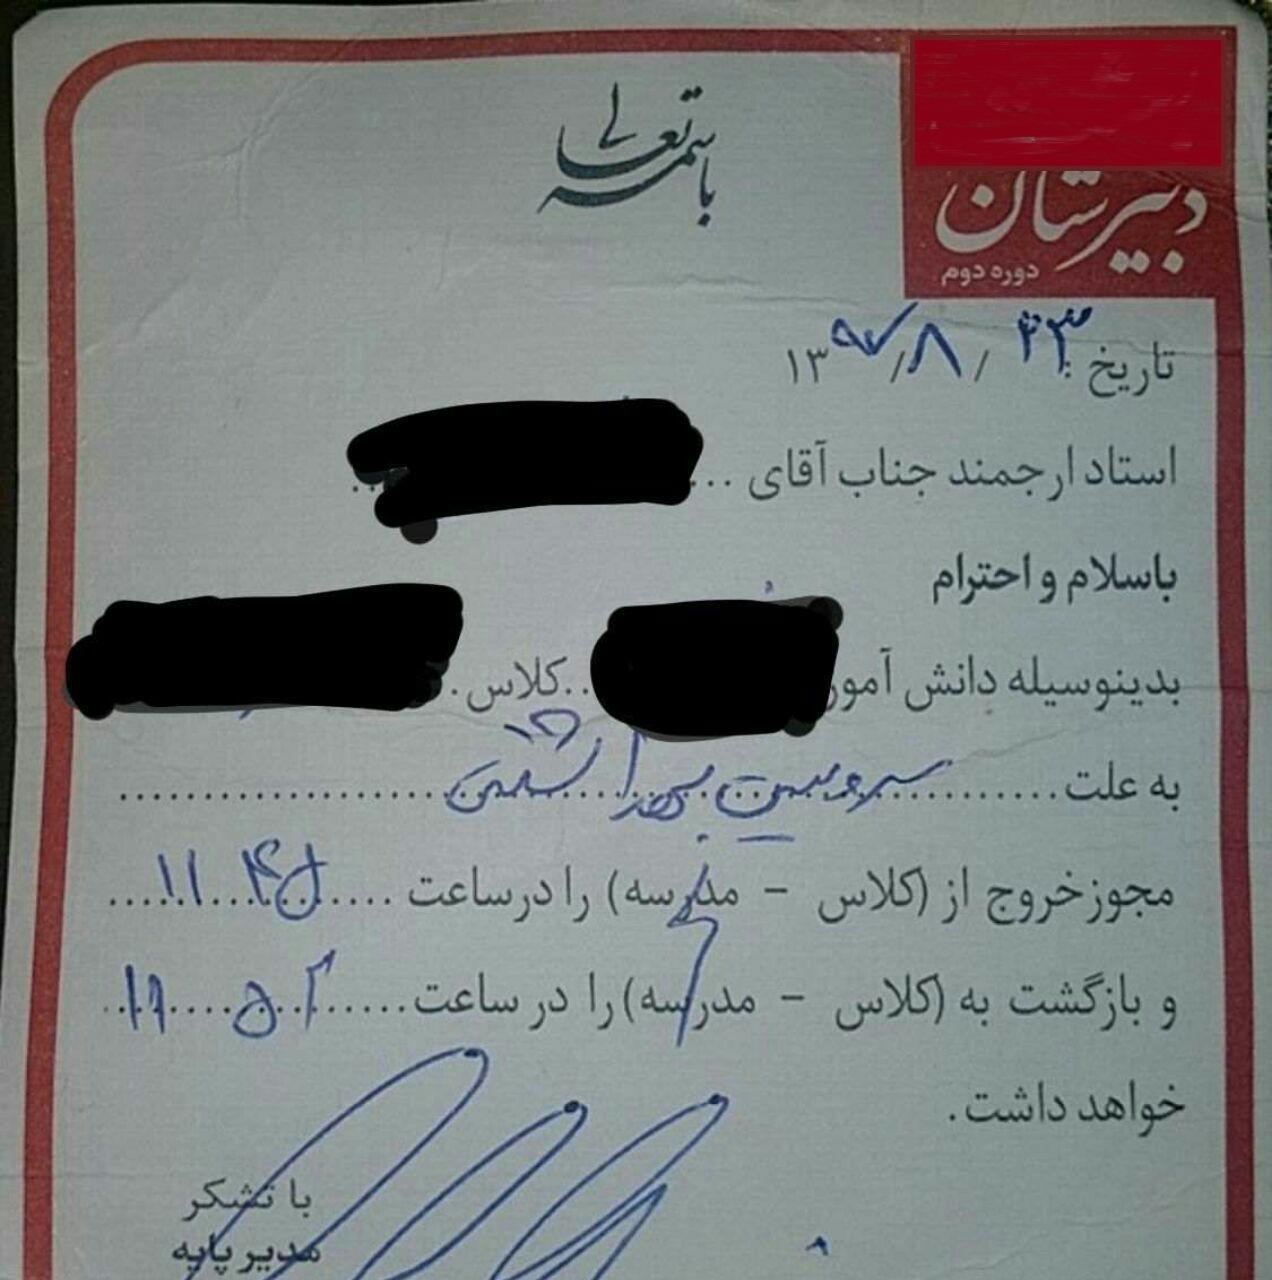 اقدام عجیب یک دبیرستان پسرانه در مشهد +عکس